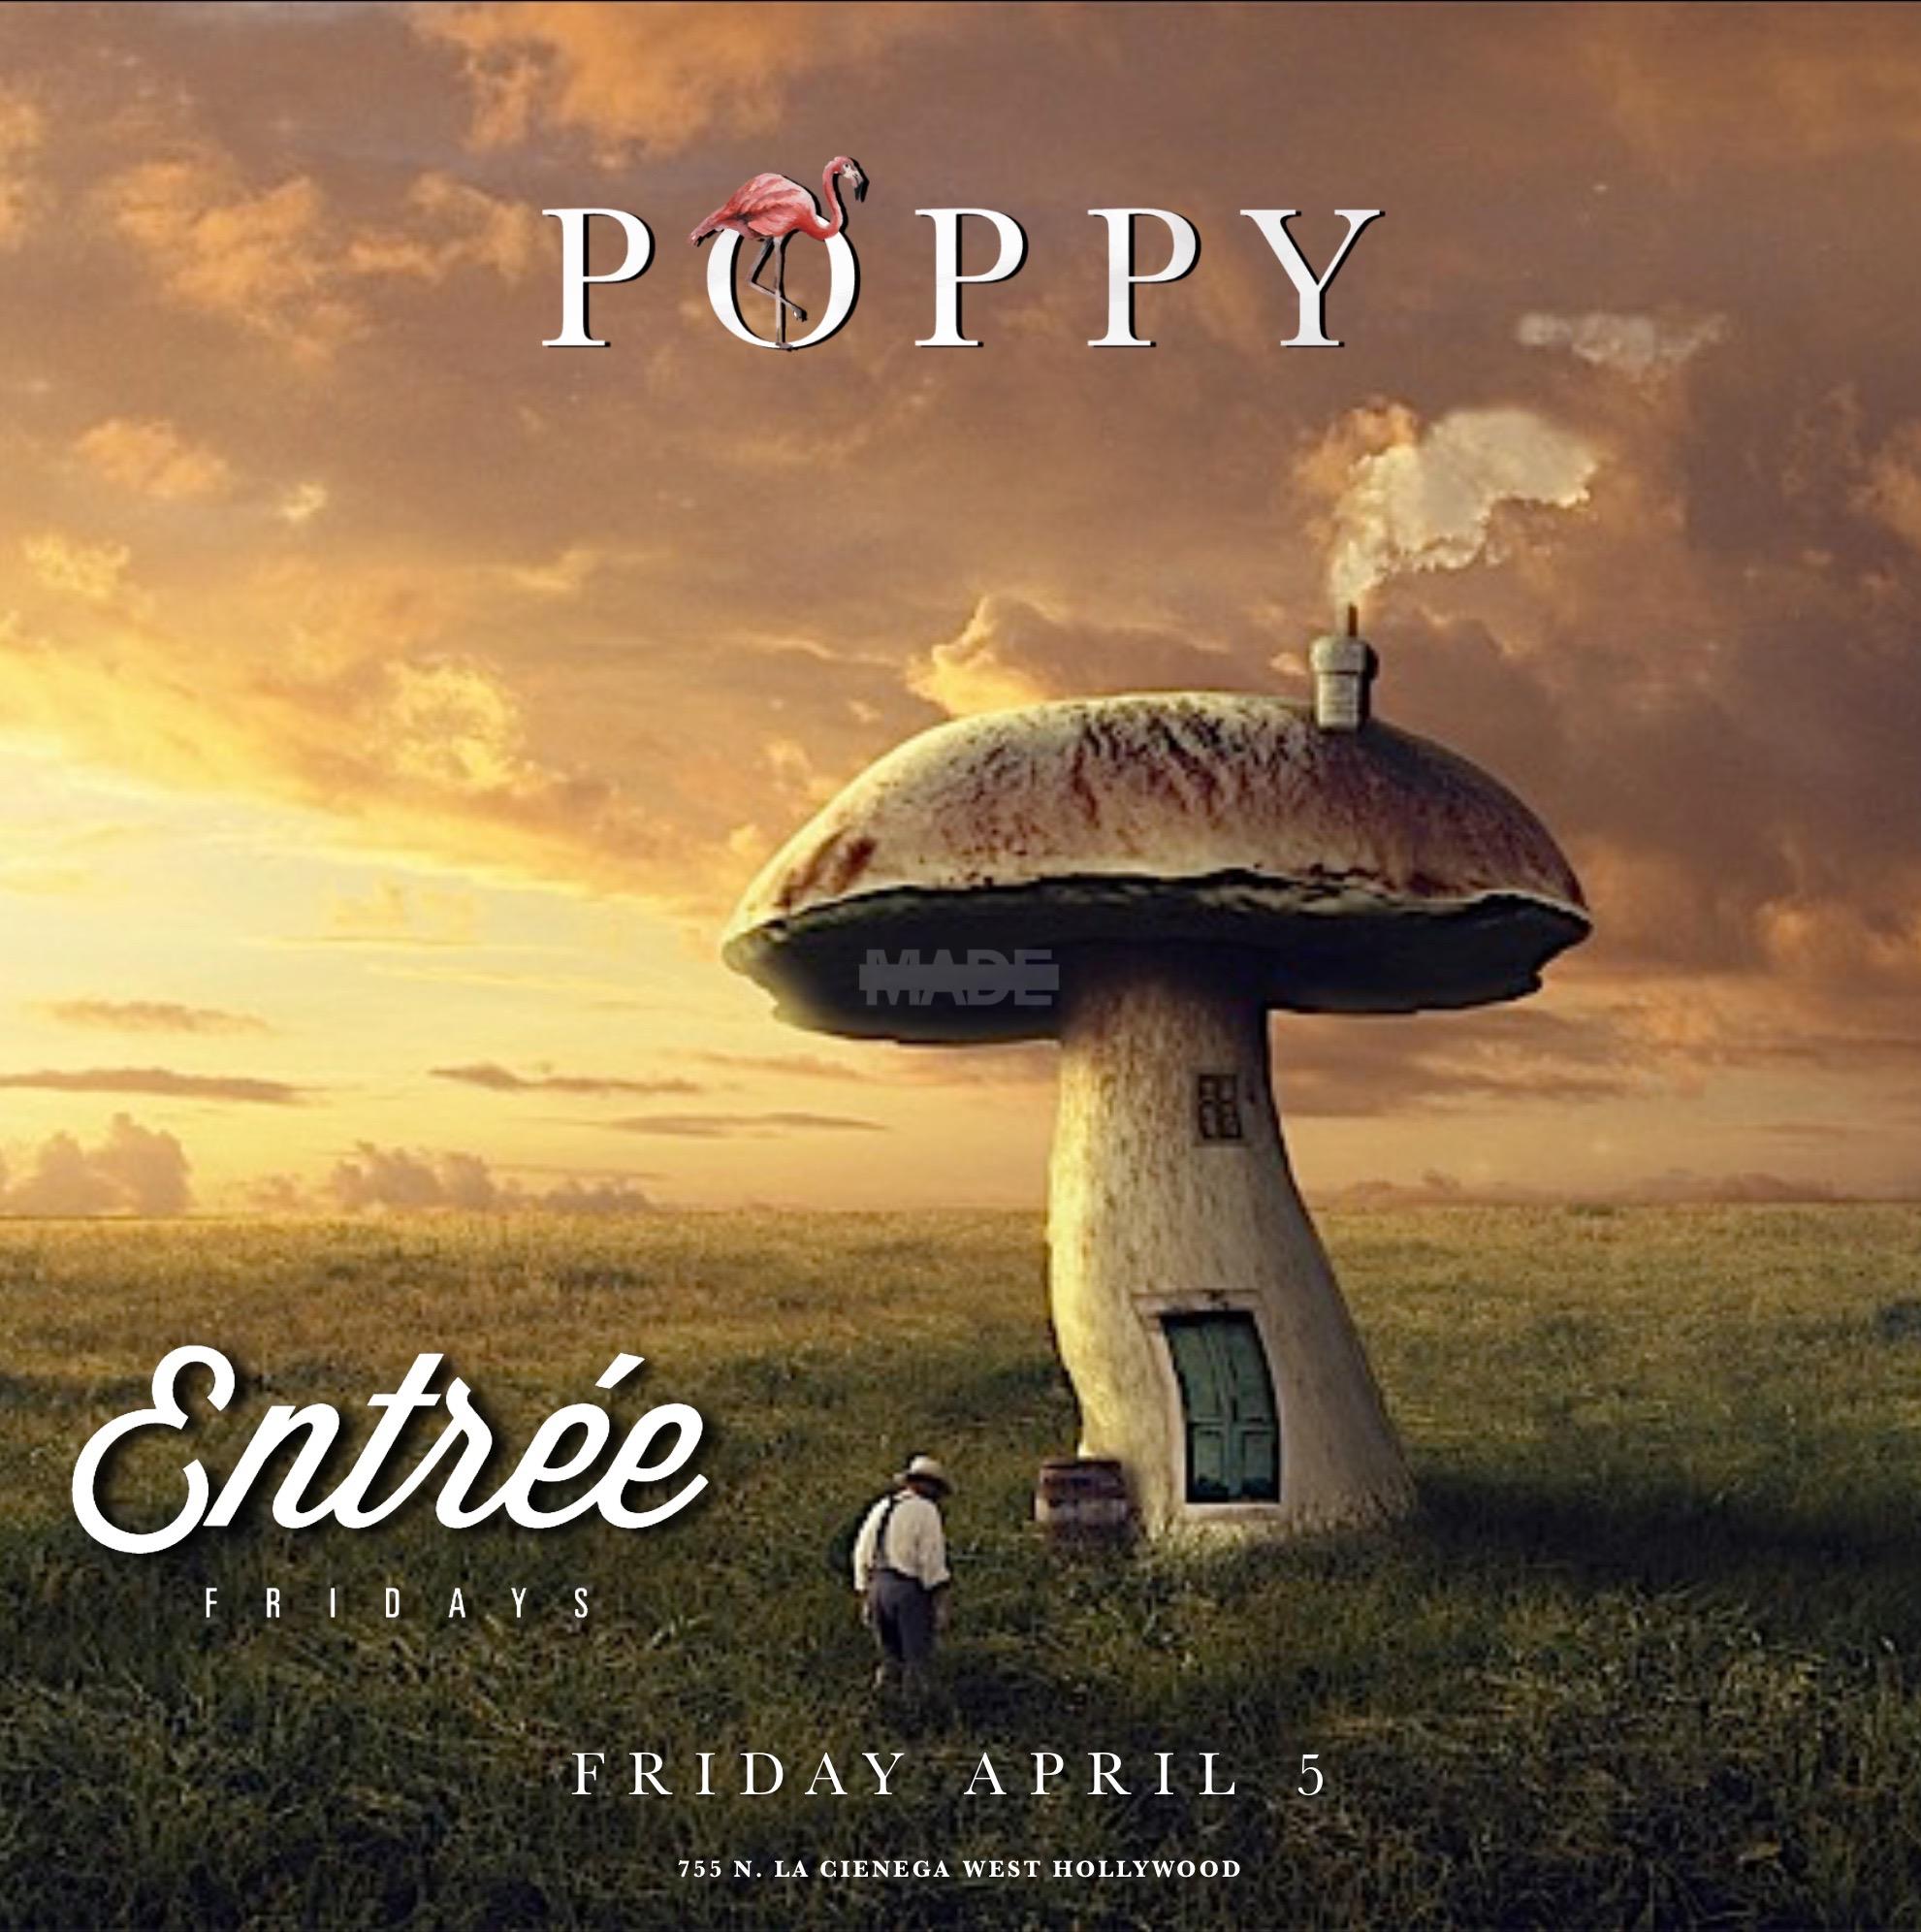 Poppy Friday4_55.jpeg